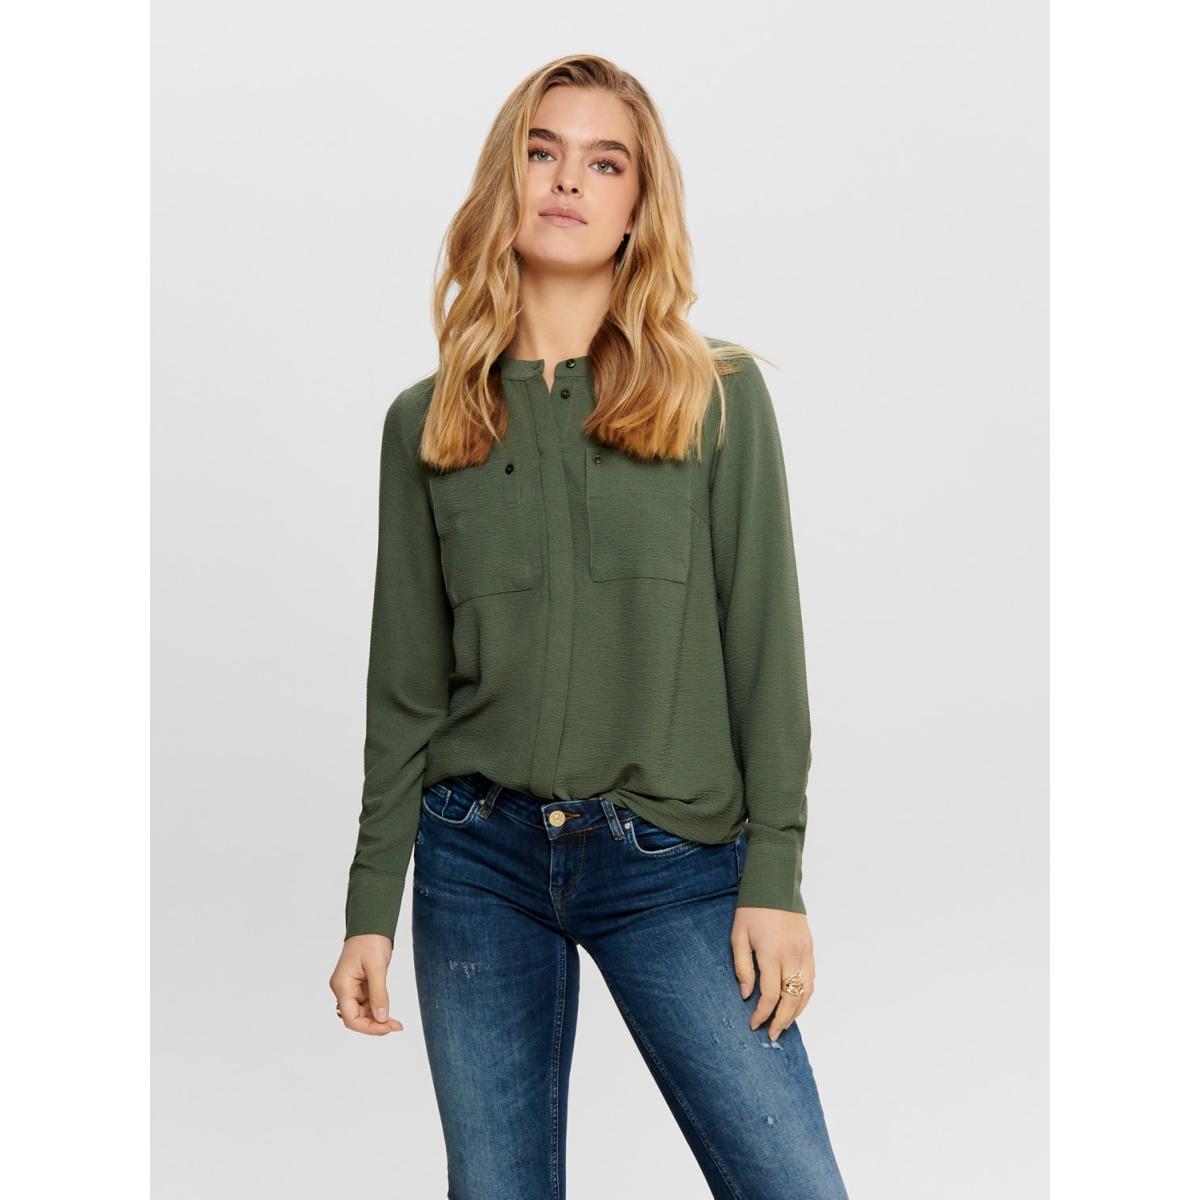 jdypaul l/s shirt wvn 15192587 jacqueline de yong blouse thyme